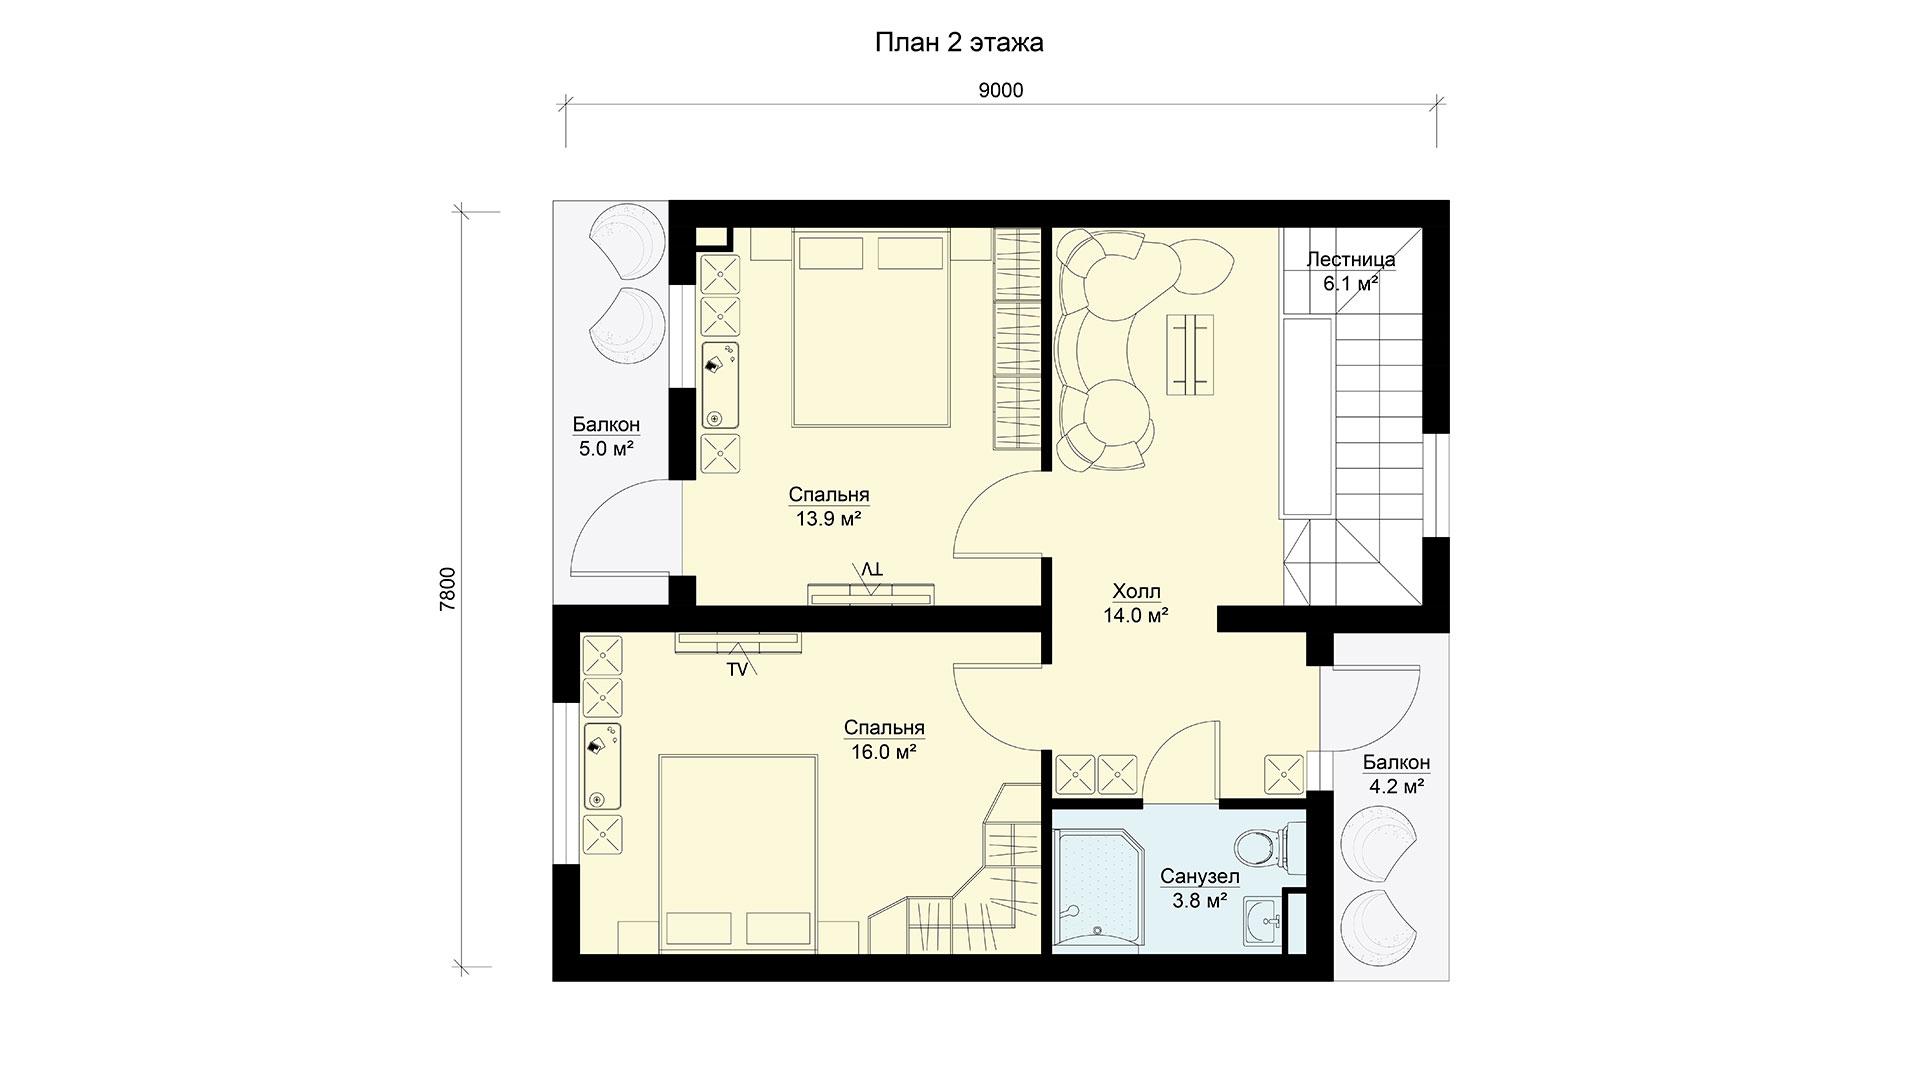 План второго этажа двухэтажного дома БП-171 в коттеджном поселке Берег Песочной в Истринском районе Московской области.